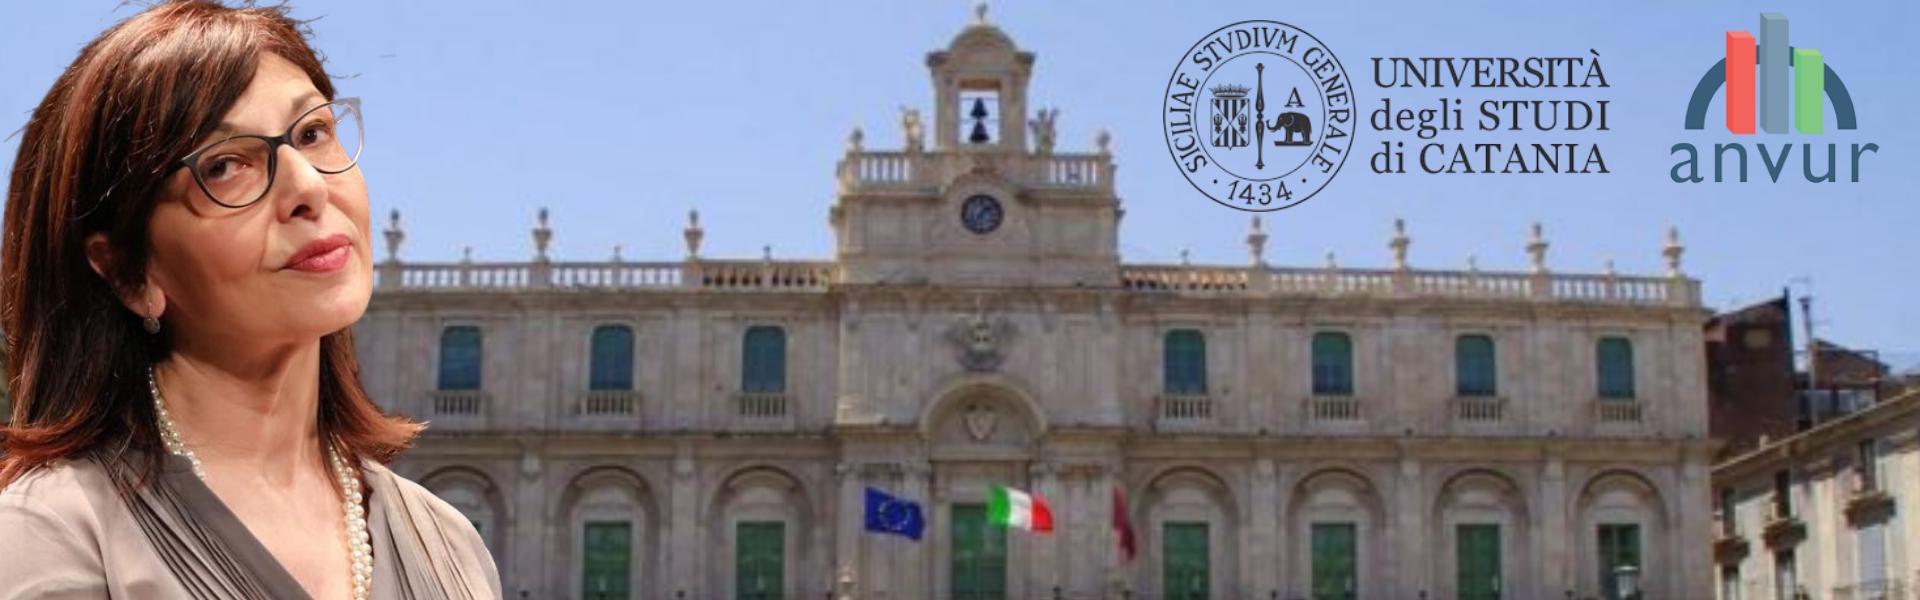 DG Policlinico Catania, passa in Commissione Gaetano Sirna: con 4 voti favorevoli... su 13